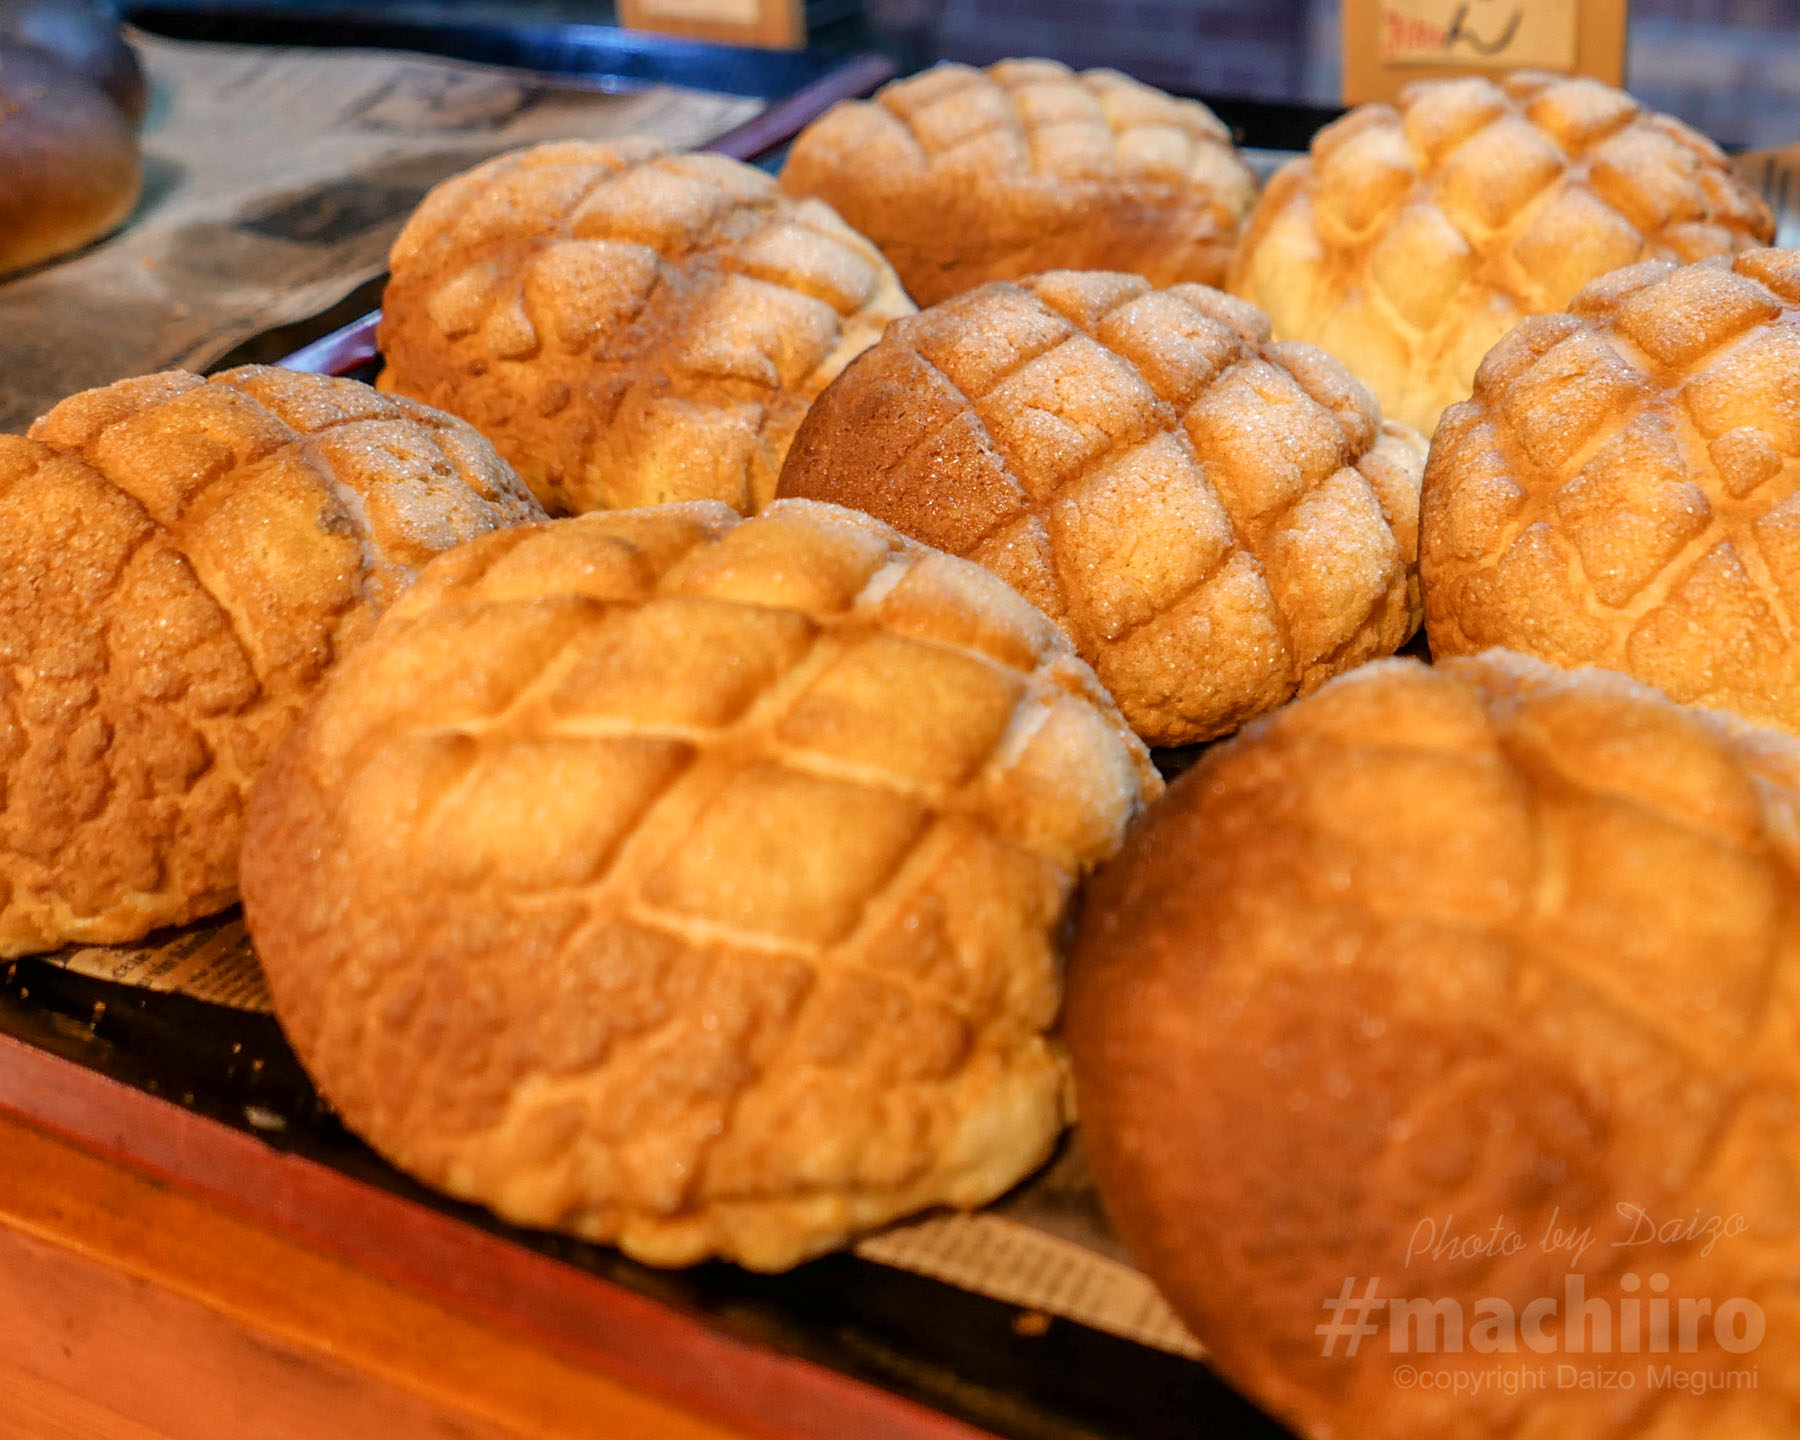 パン工房 麦の実 薪の石窯焼パン 焼き立てメロンパンの写真 マチイロ撮影